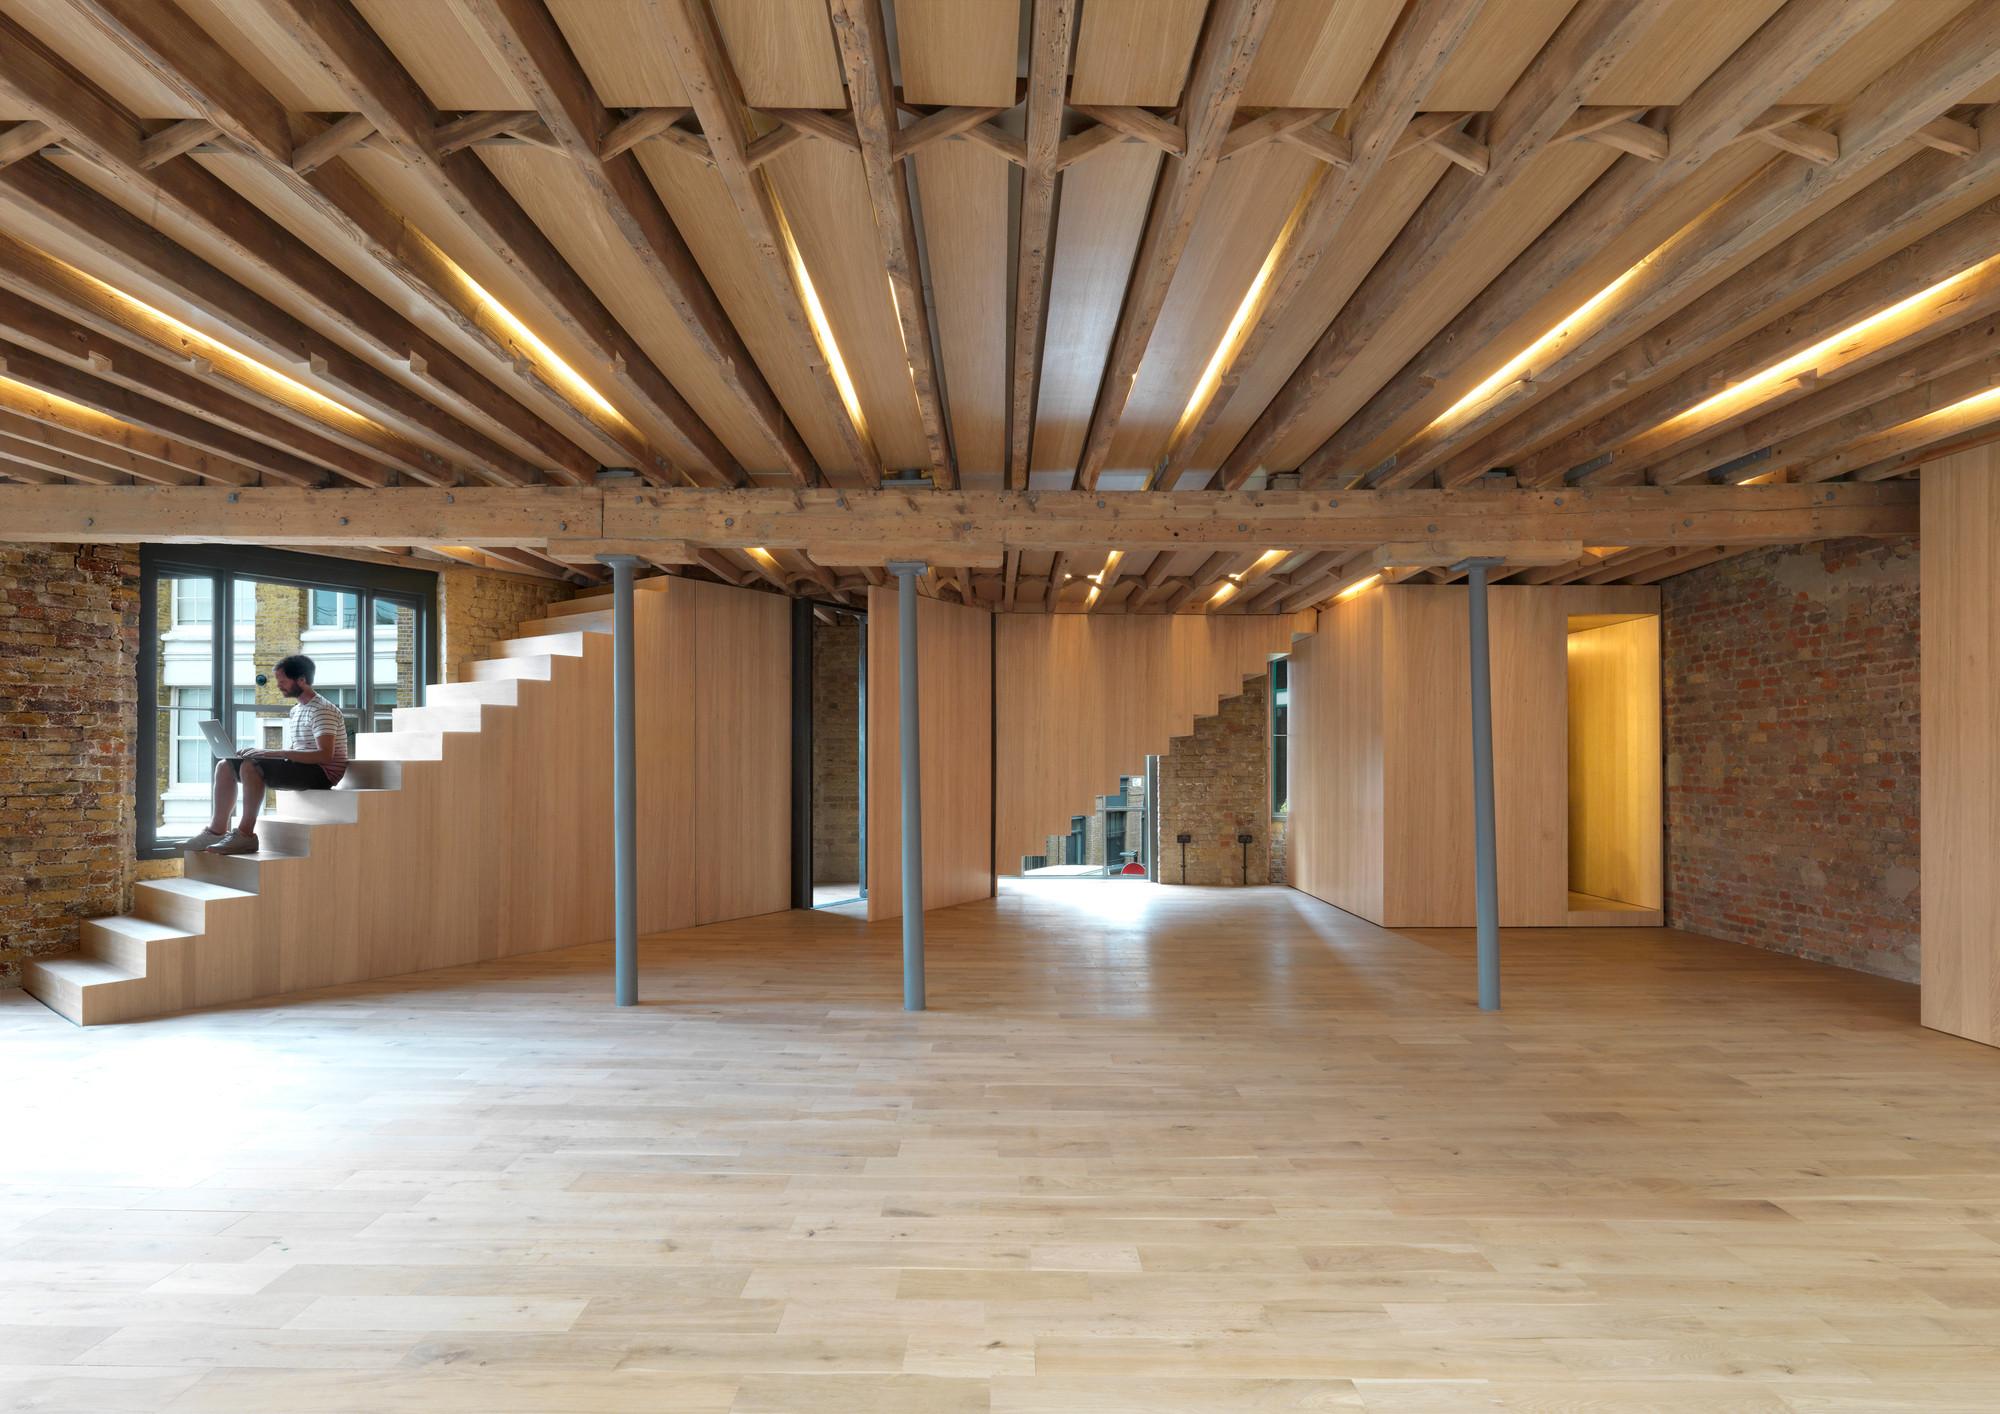 Phipp Street / Amin Taha Architects, © Charles Hosea